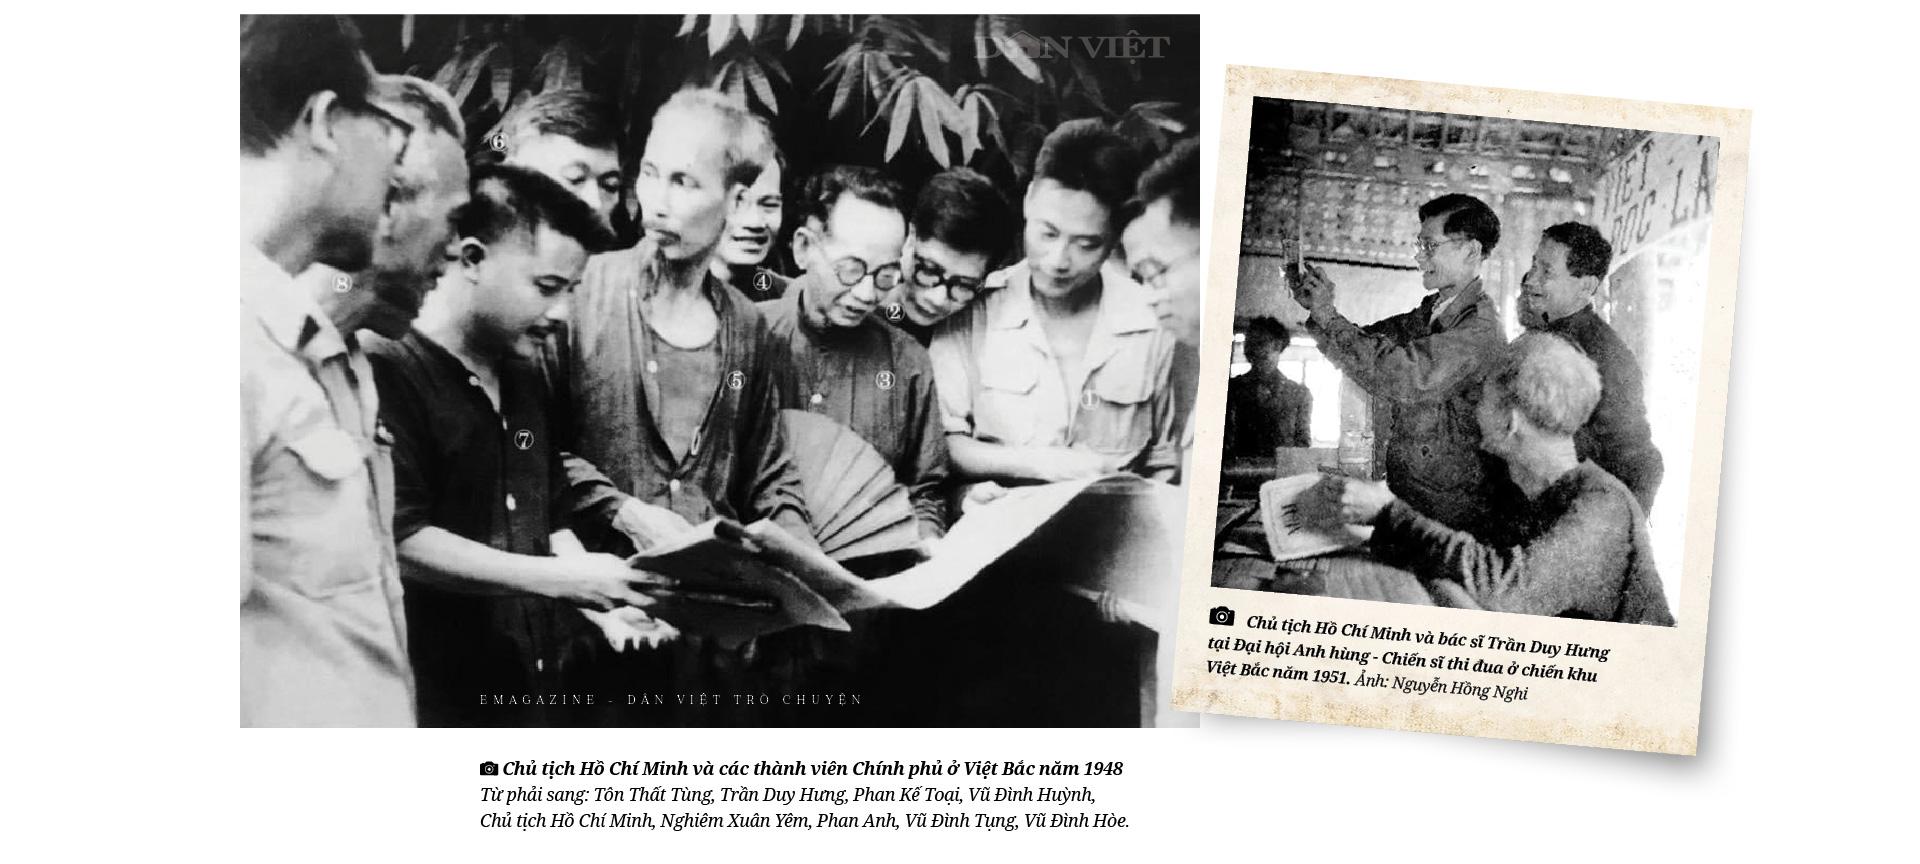 Bác sĩ Trần Duy Hưng – thị trưởng Hà Nội đầu tiên và lâu năm nhất - Ảnh 7.